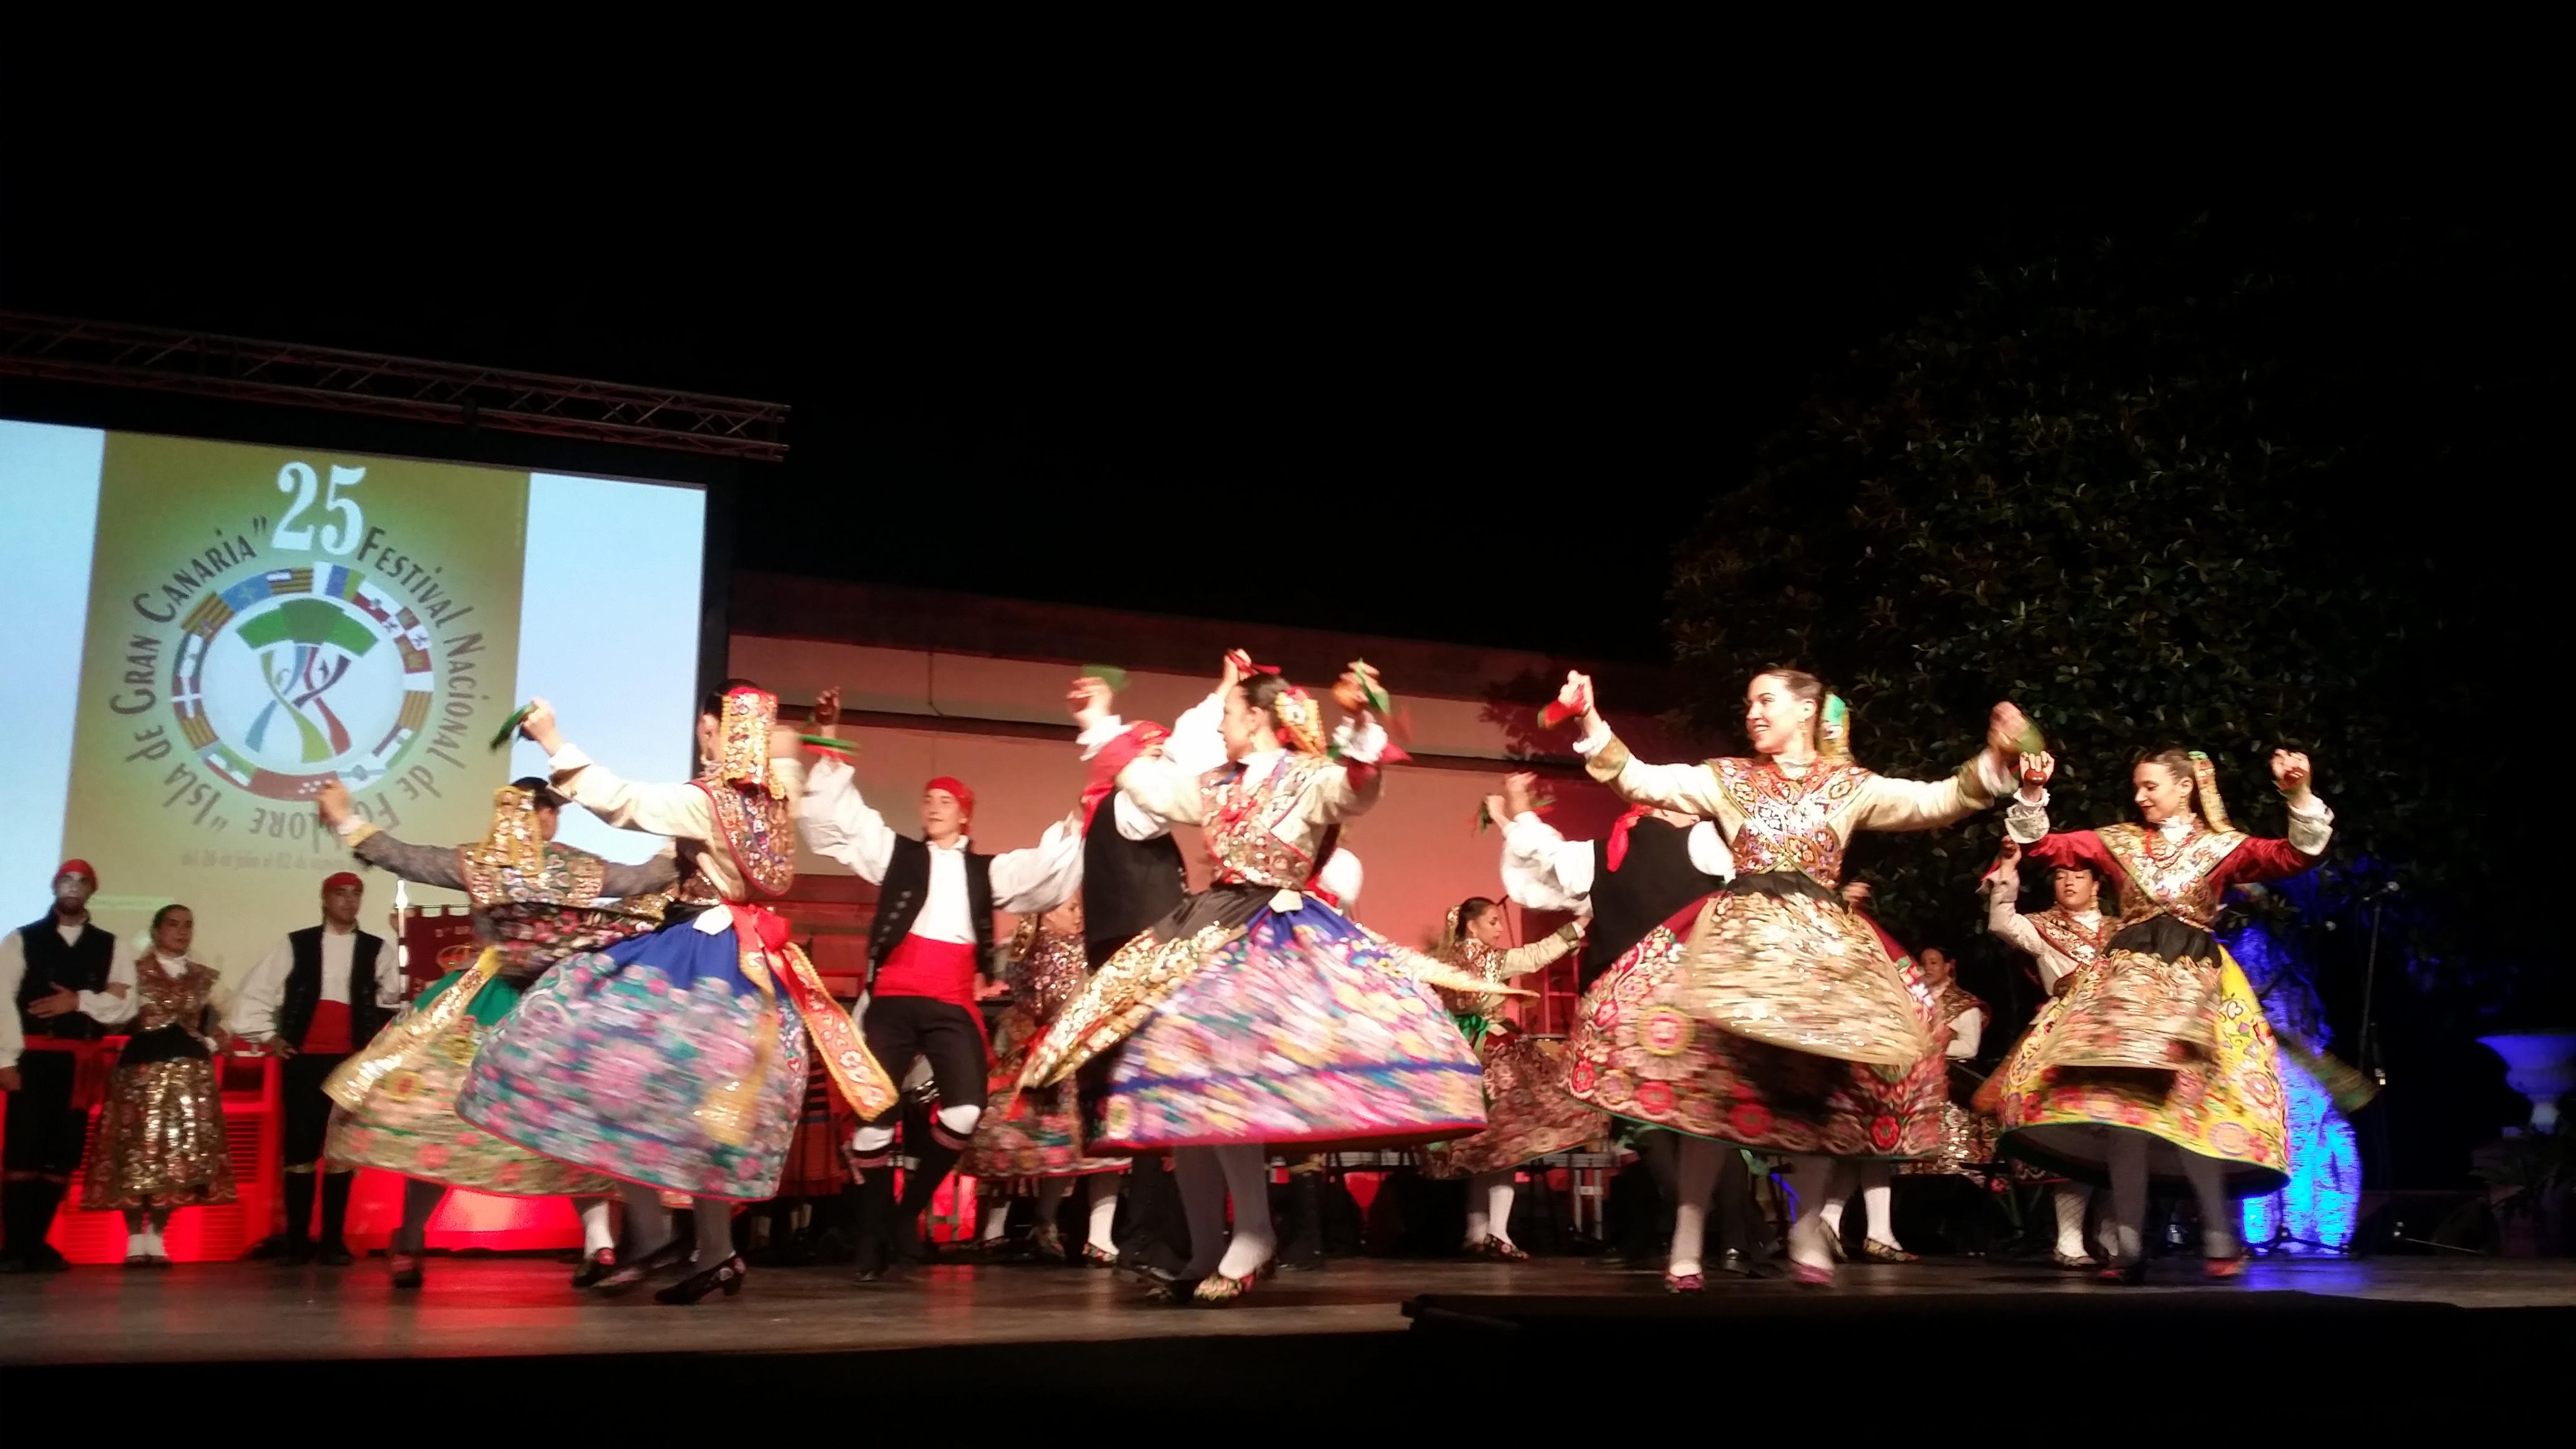 La Plaza Grande de Guía acogió la celebración del 25 aniversario del Festival Nacional de Folklore 'Isla de Gran Canaria'